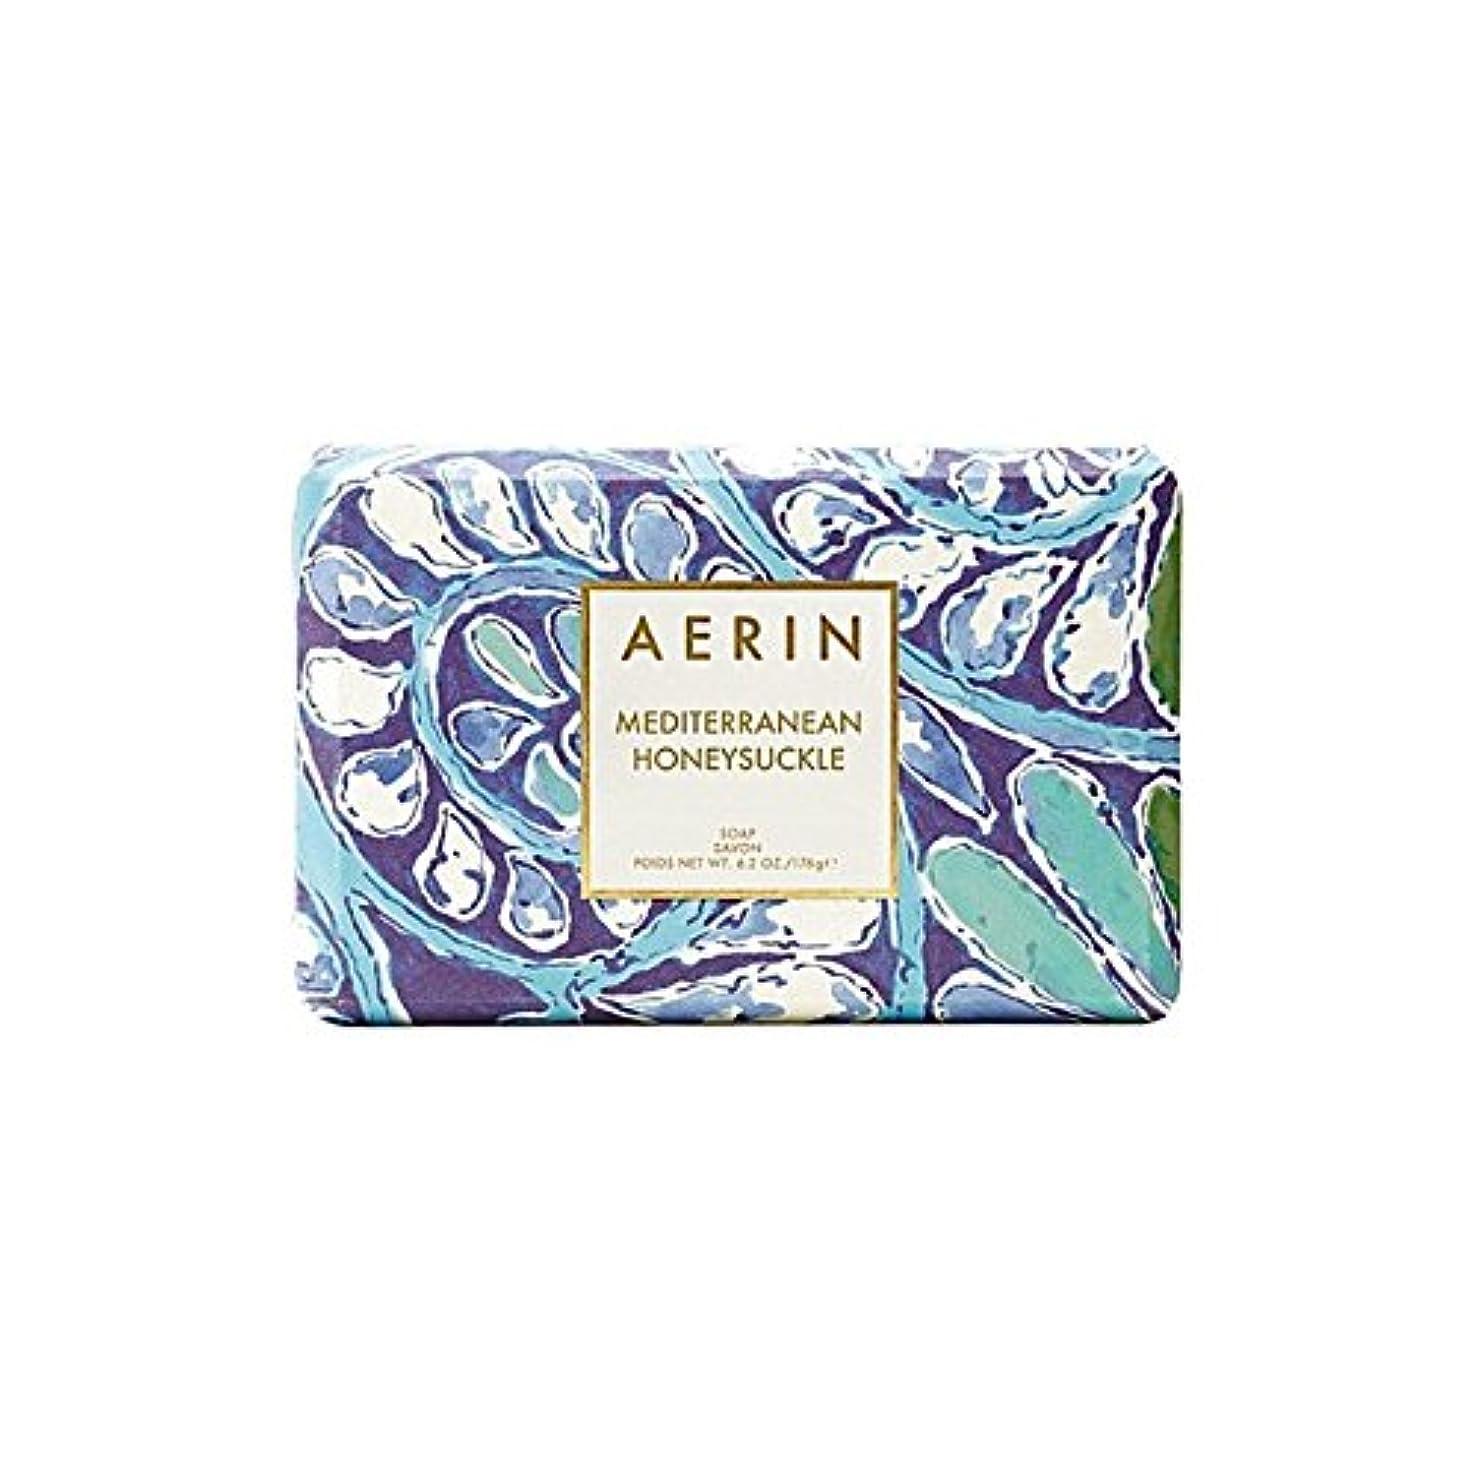 ペダル一時的ゲームスイカズラ固形石鹸176グラム x2 - Aerin Mediterrenean Honeysuckle Bar Soap 176G (Pack of 2) [並行輸入品]